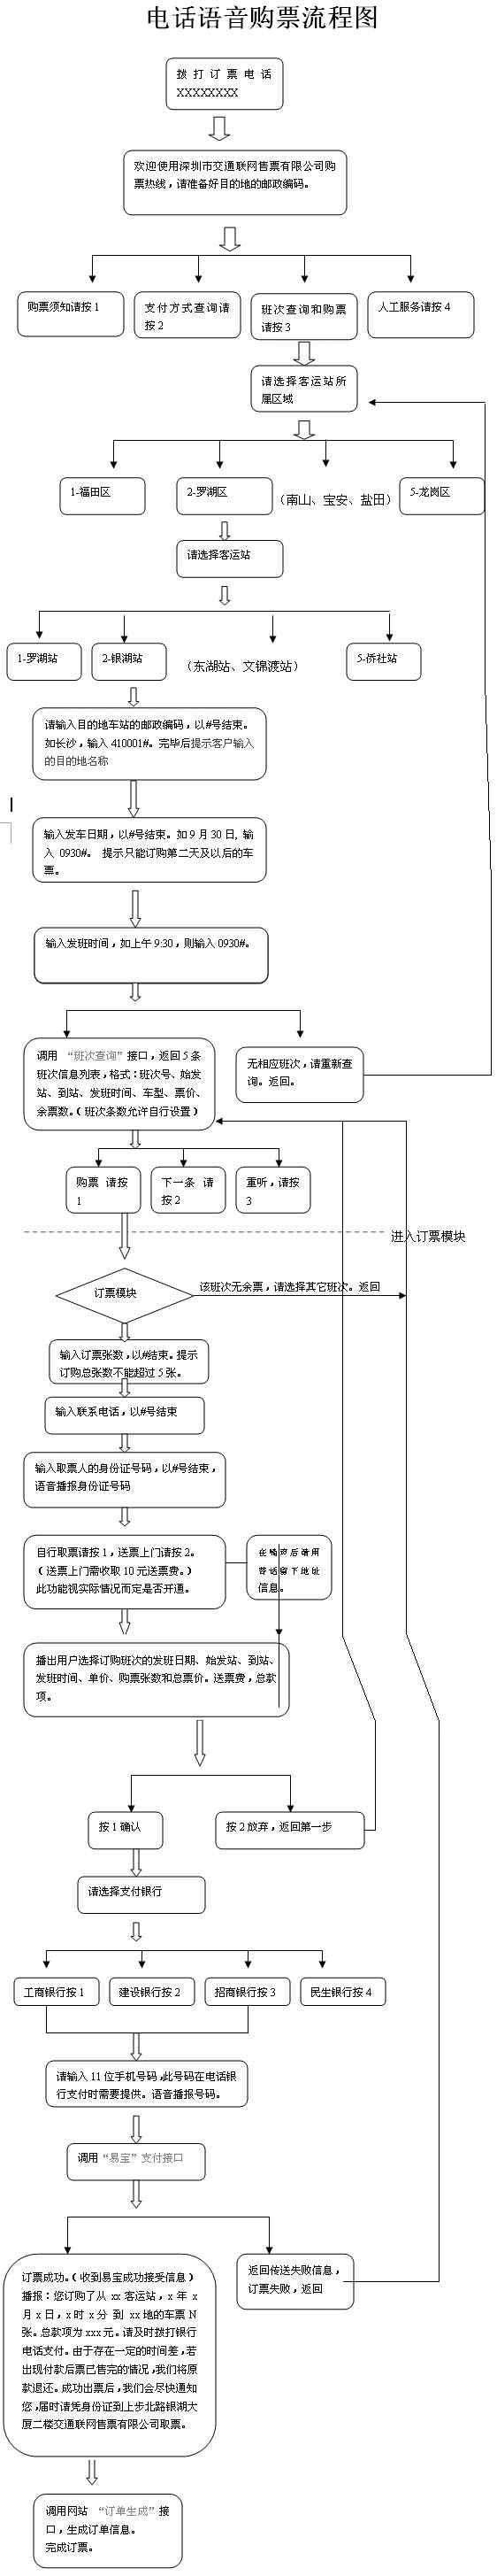 深圳长途汽车电话订票指南